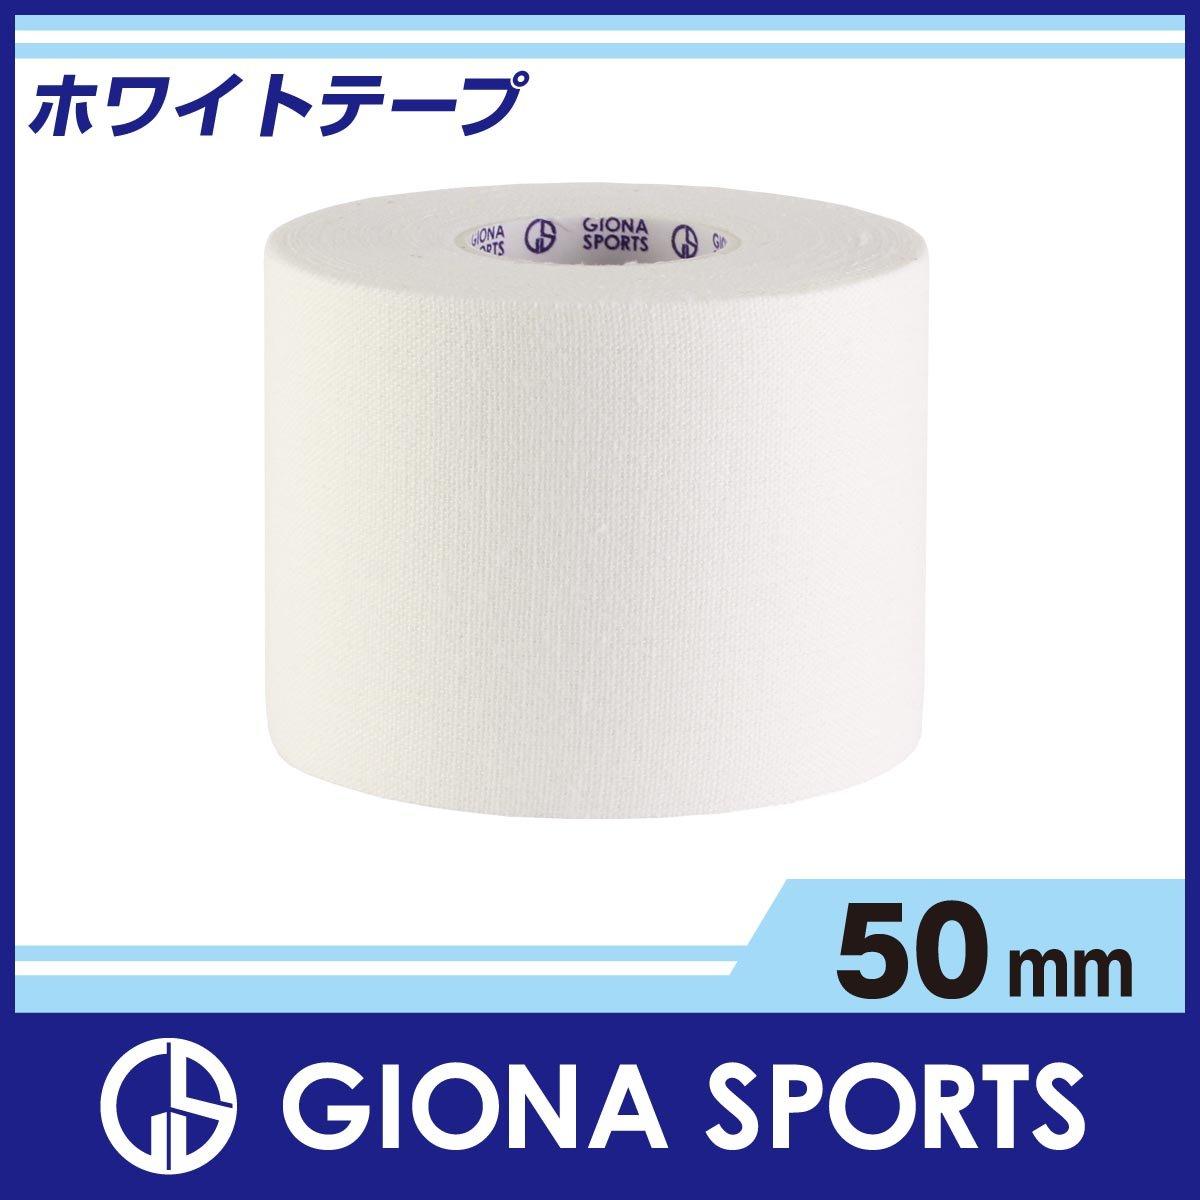 【GIONA SPORTS】ホワイトテーププラス テープ幅50mm×長さ12mタイプ(24個入/箱)   B078JY7Z5W